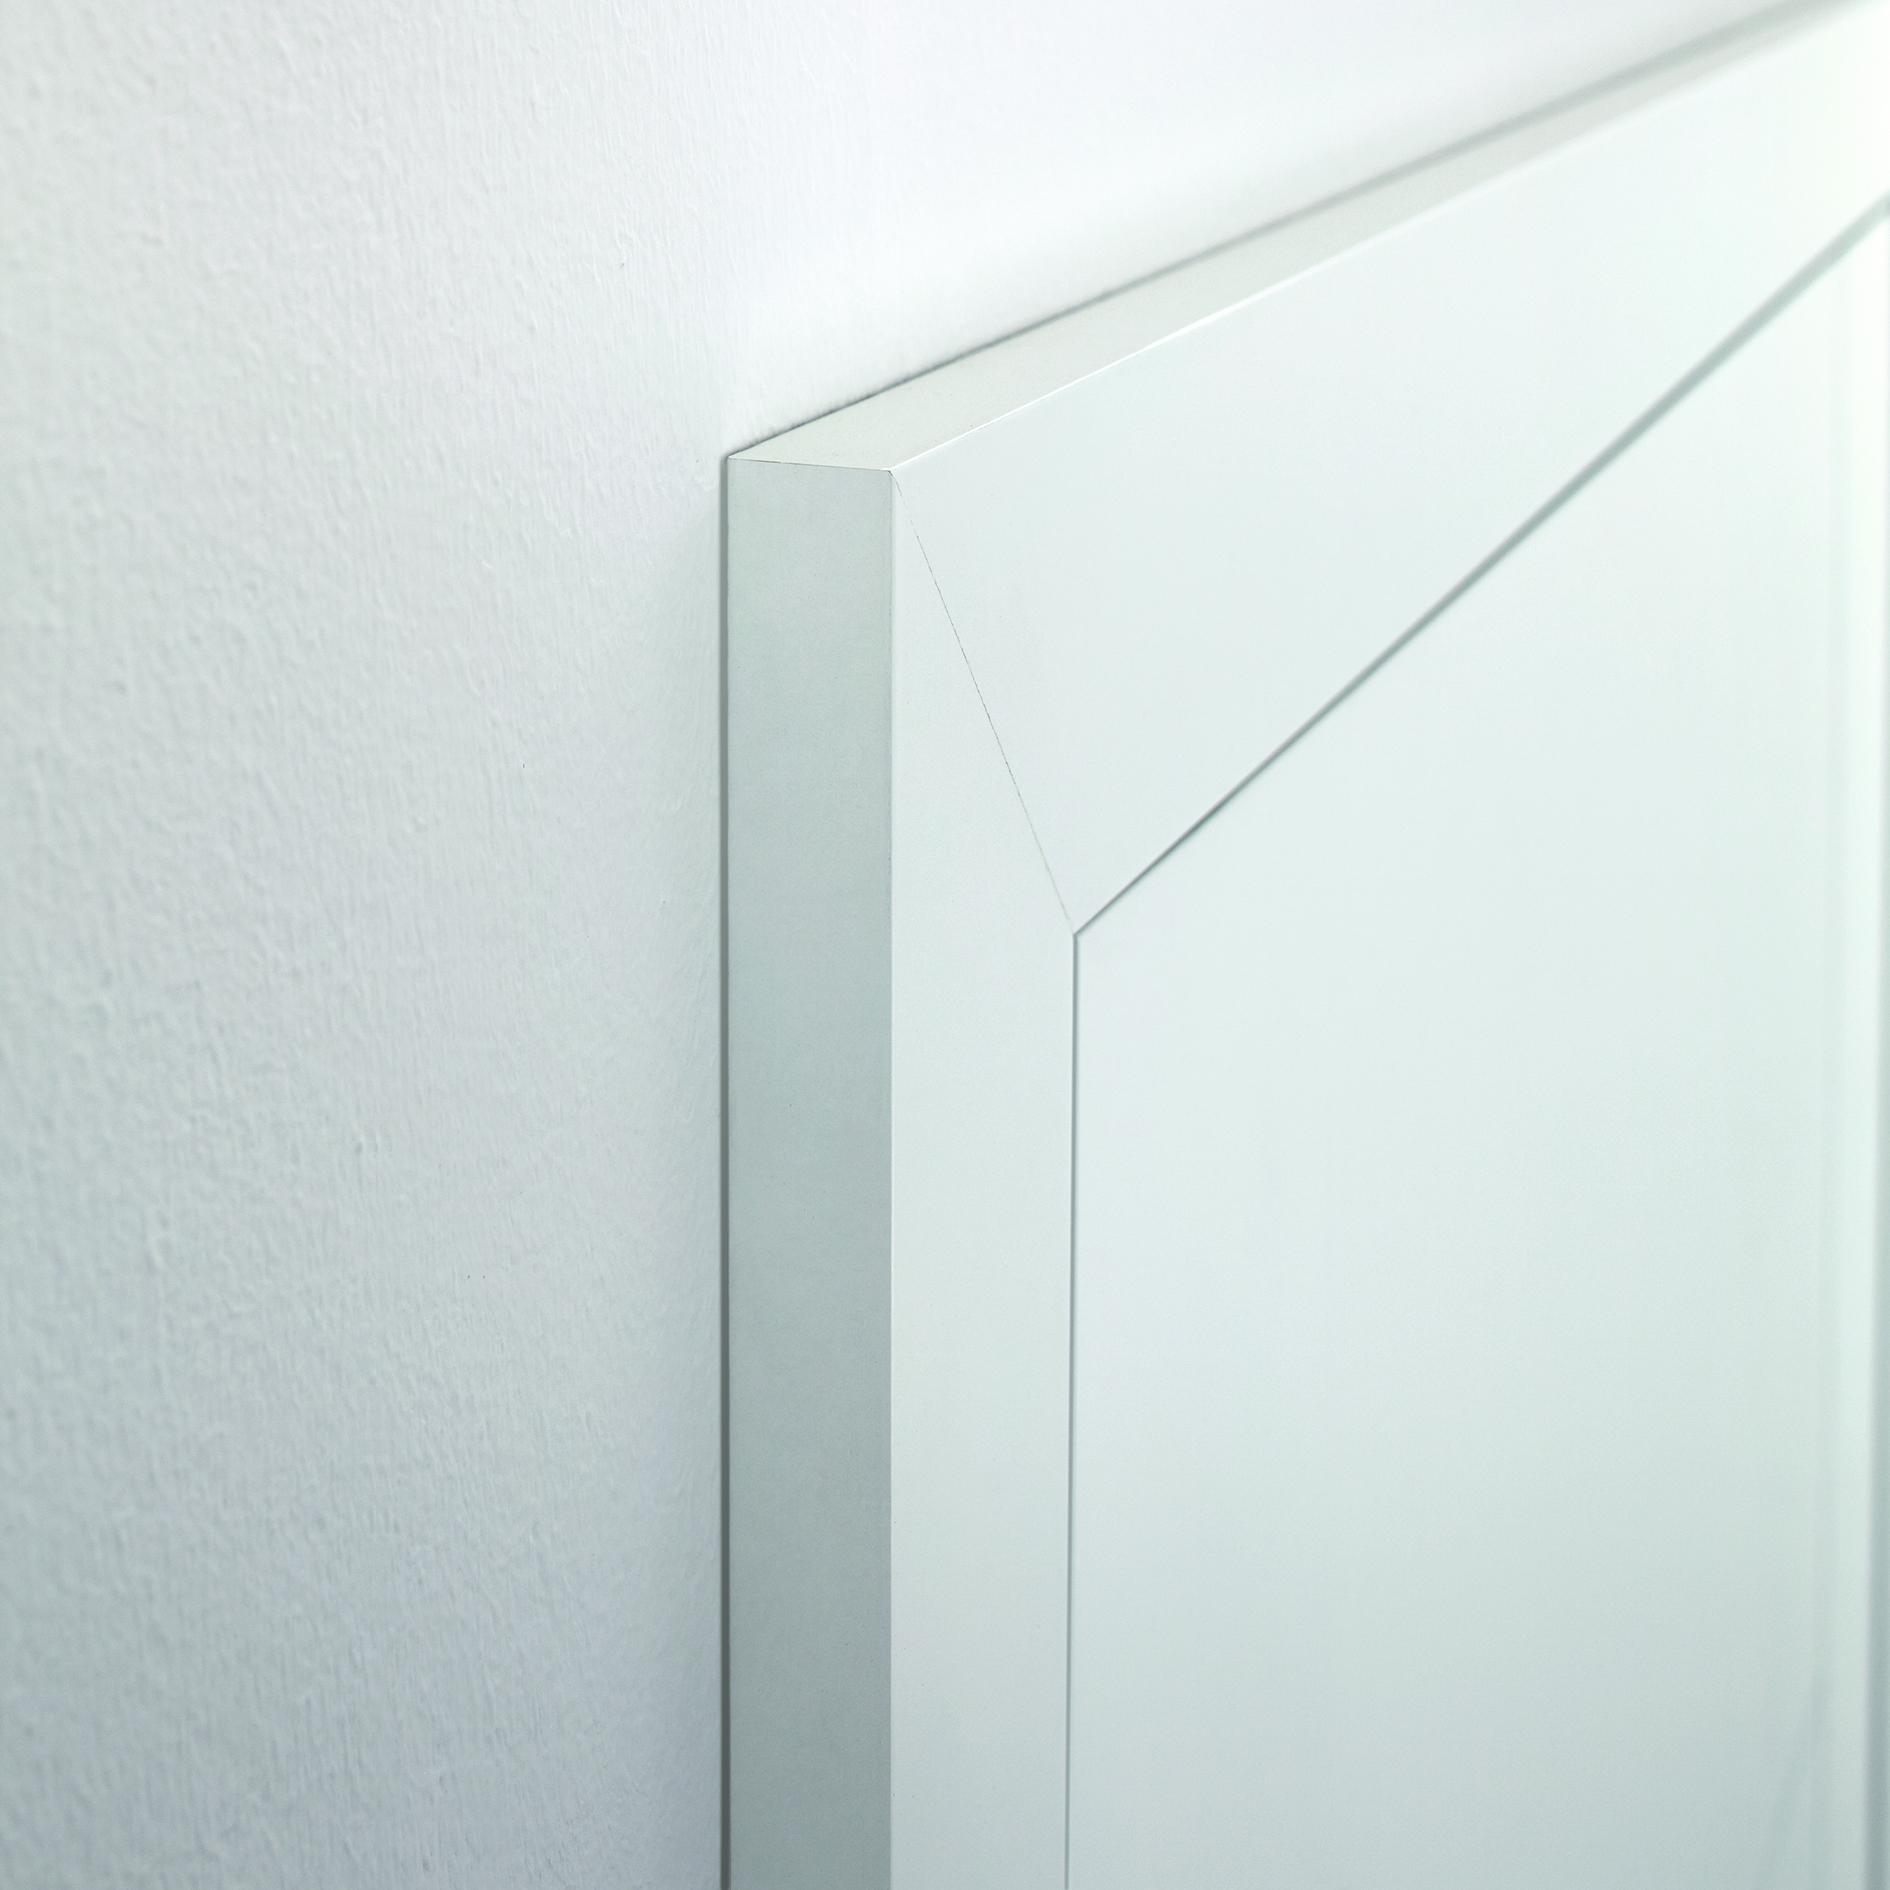 HÖRMANN - AKCE 2020 - Interiérové dveře bezfalcové výška 2100 mm